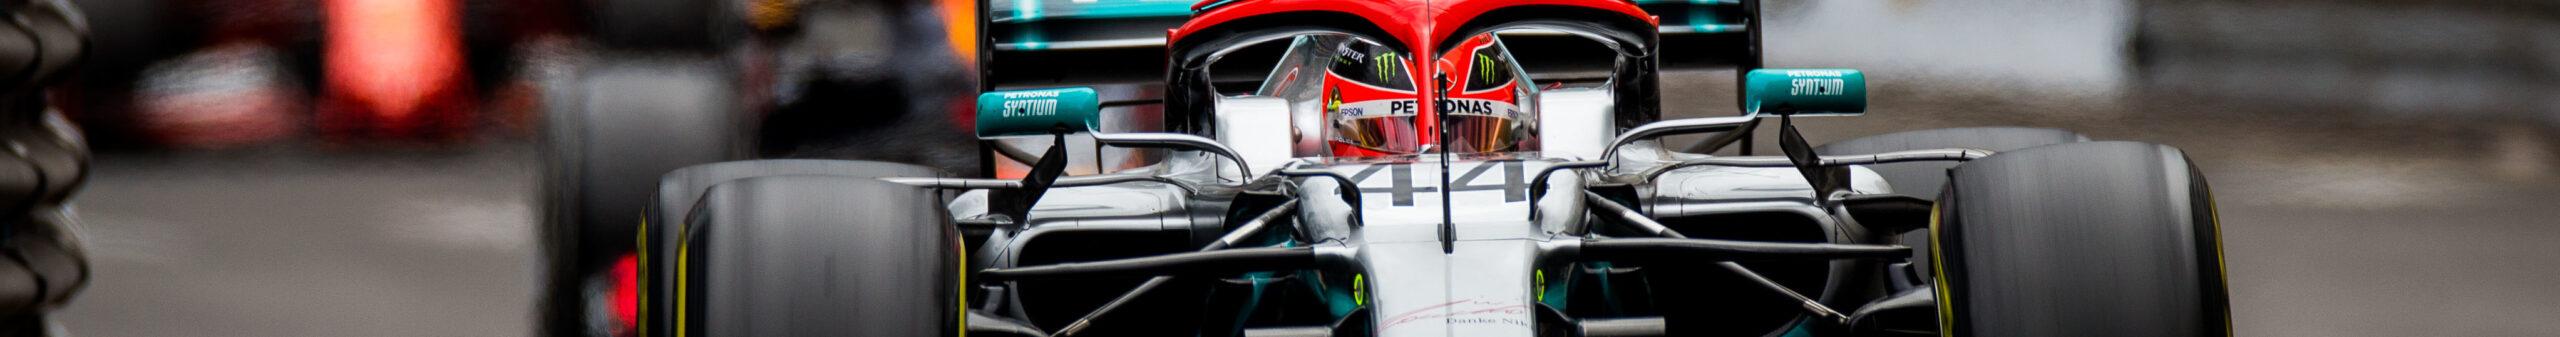 Formula 1: Γκραν Πριν στην Ίμολα και τα βλέμματα σε Χάμιλτον- Φερστάπεν!